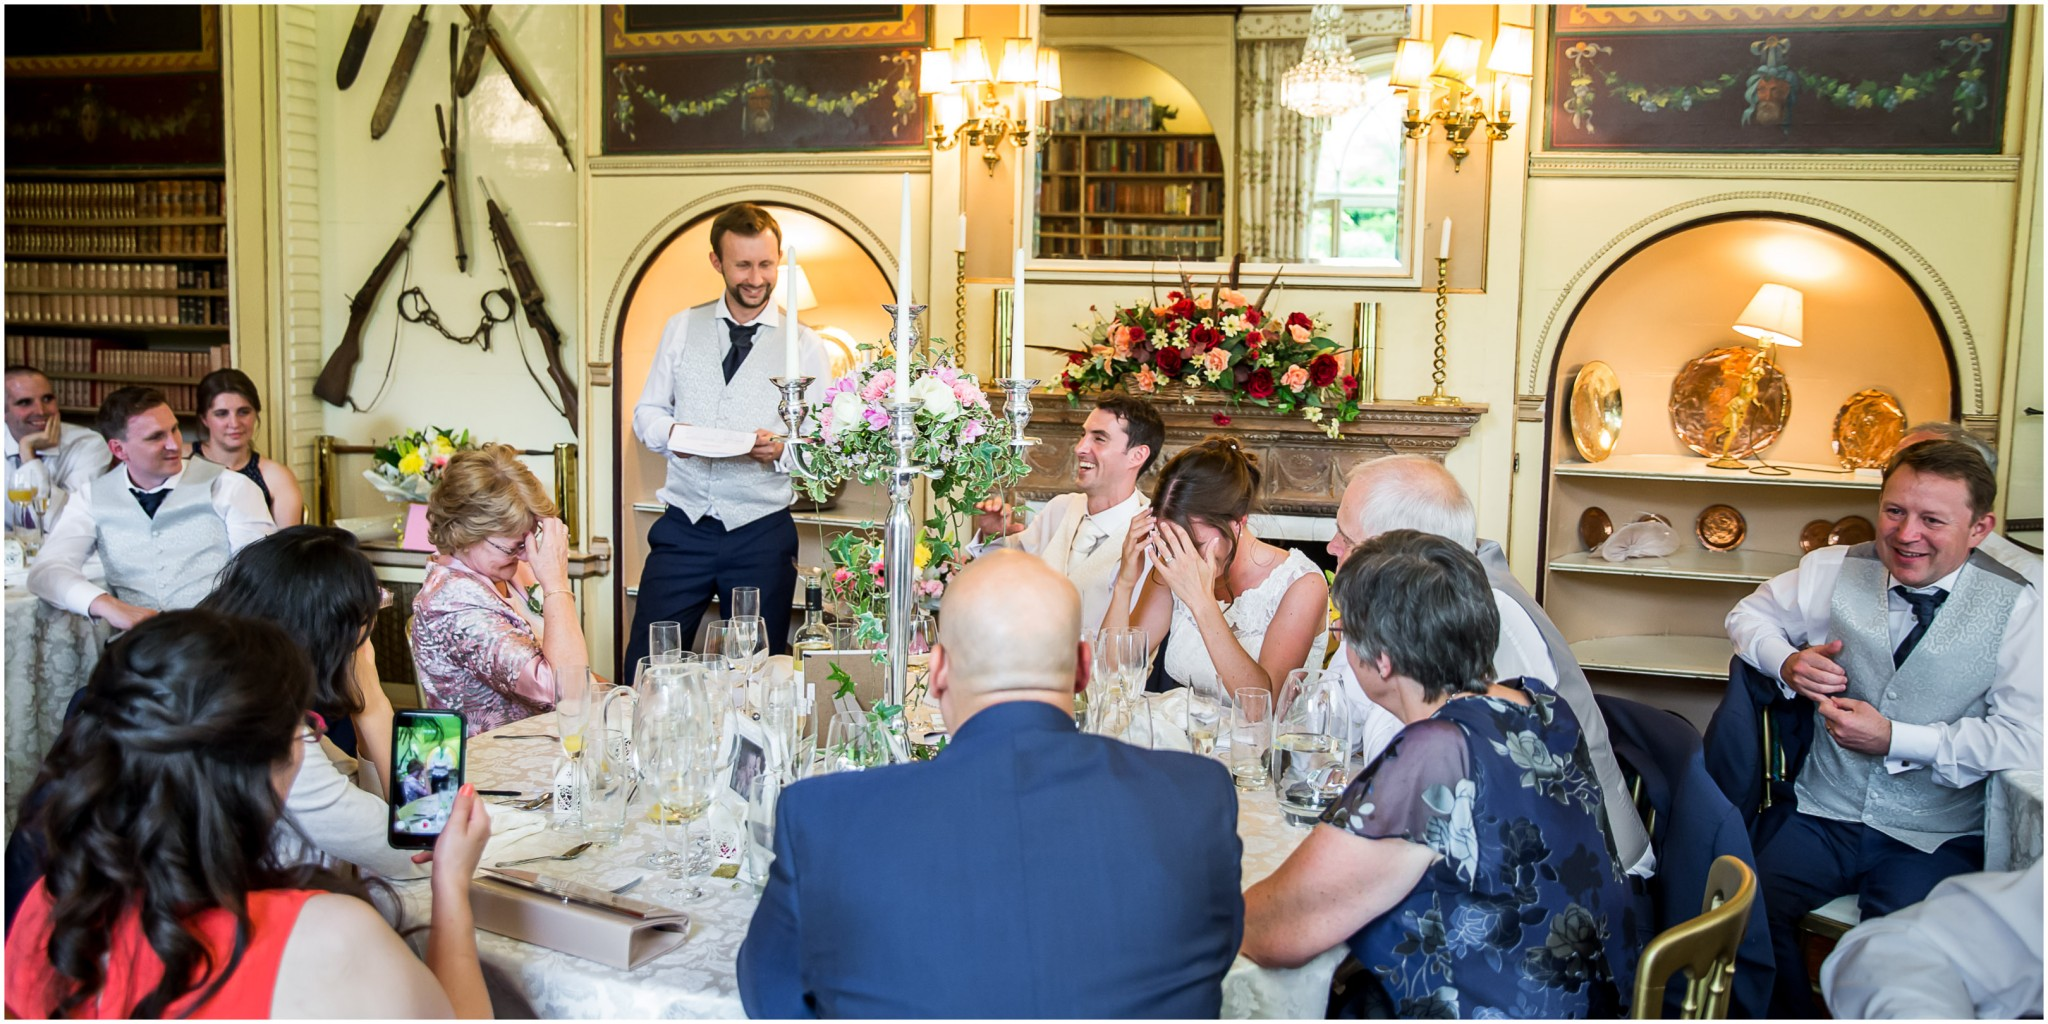 Avington Park Wedding Best Man;s Speech